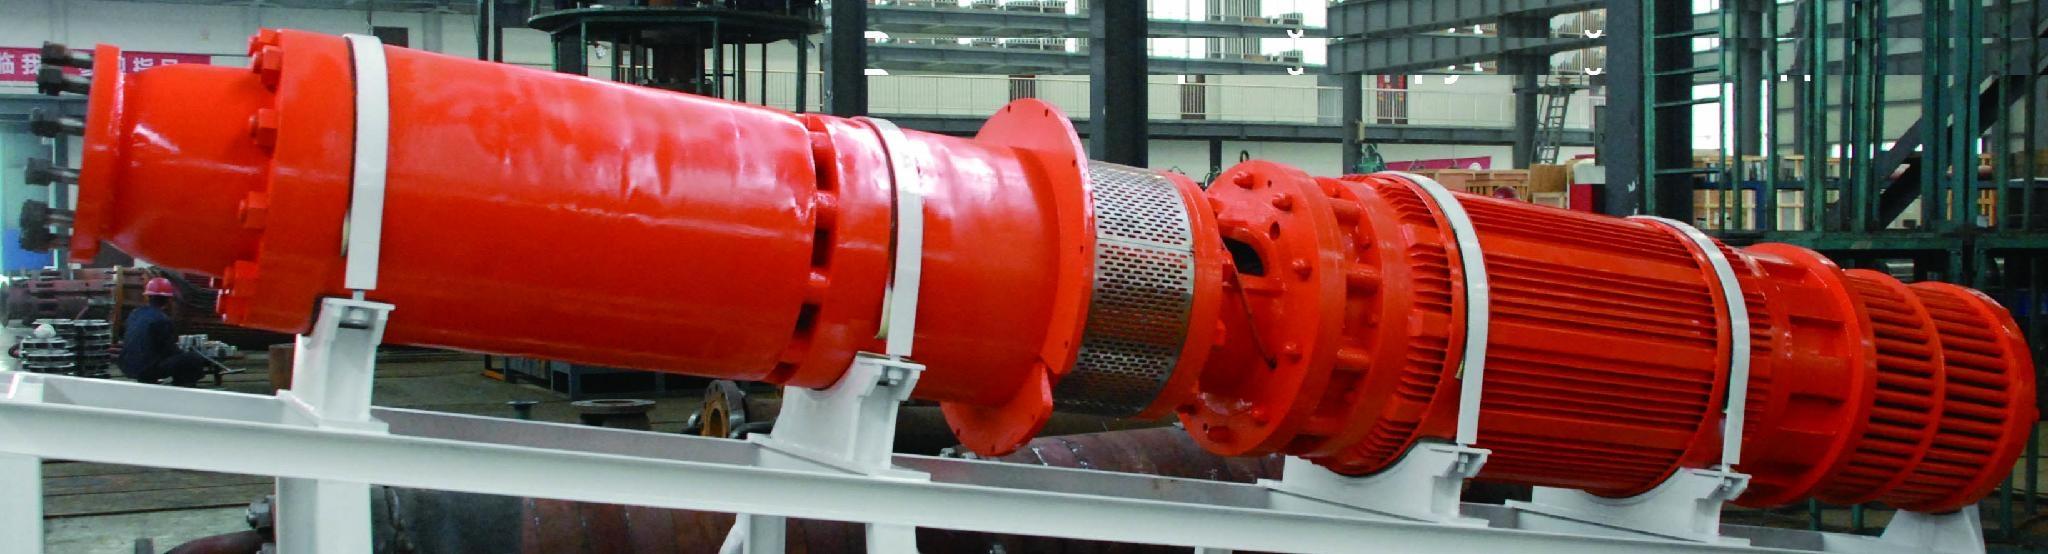 QKSG系列高压矿用潜水电泵 4